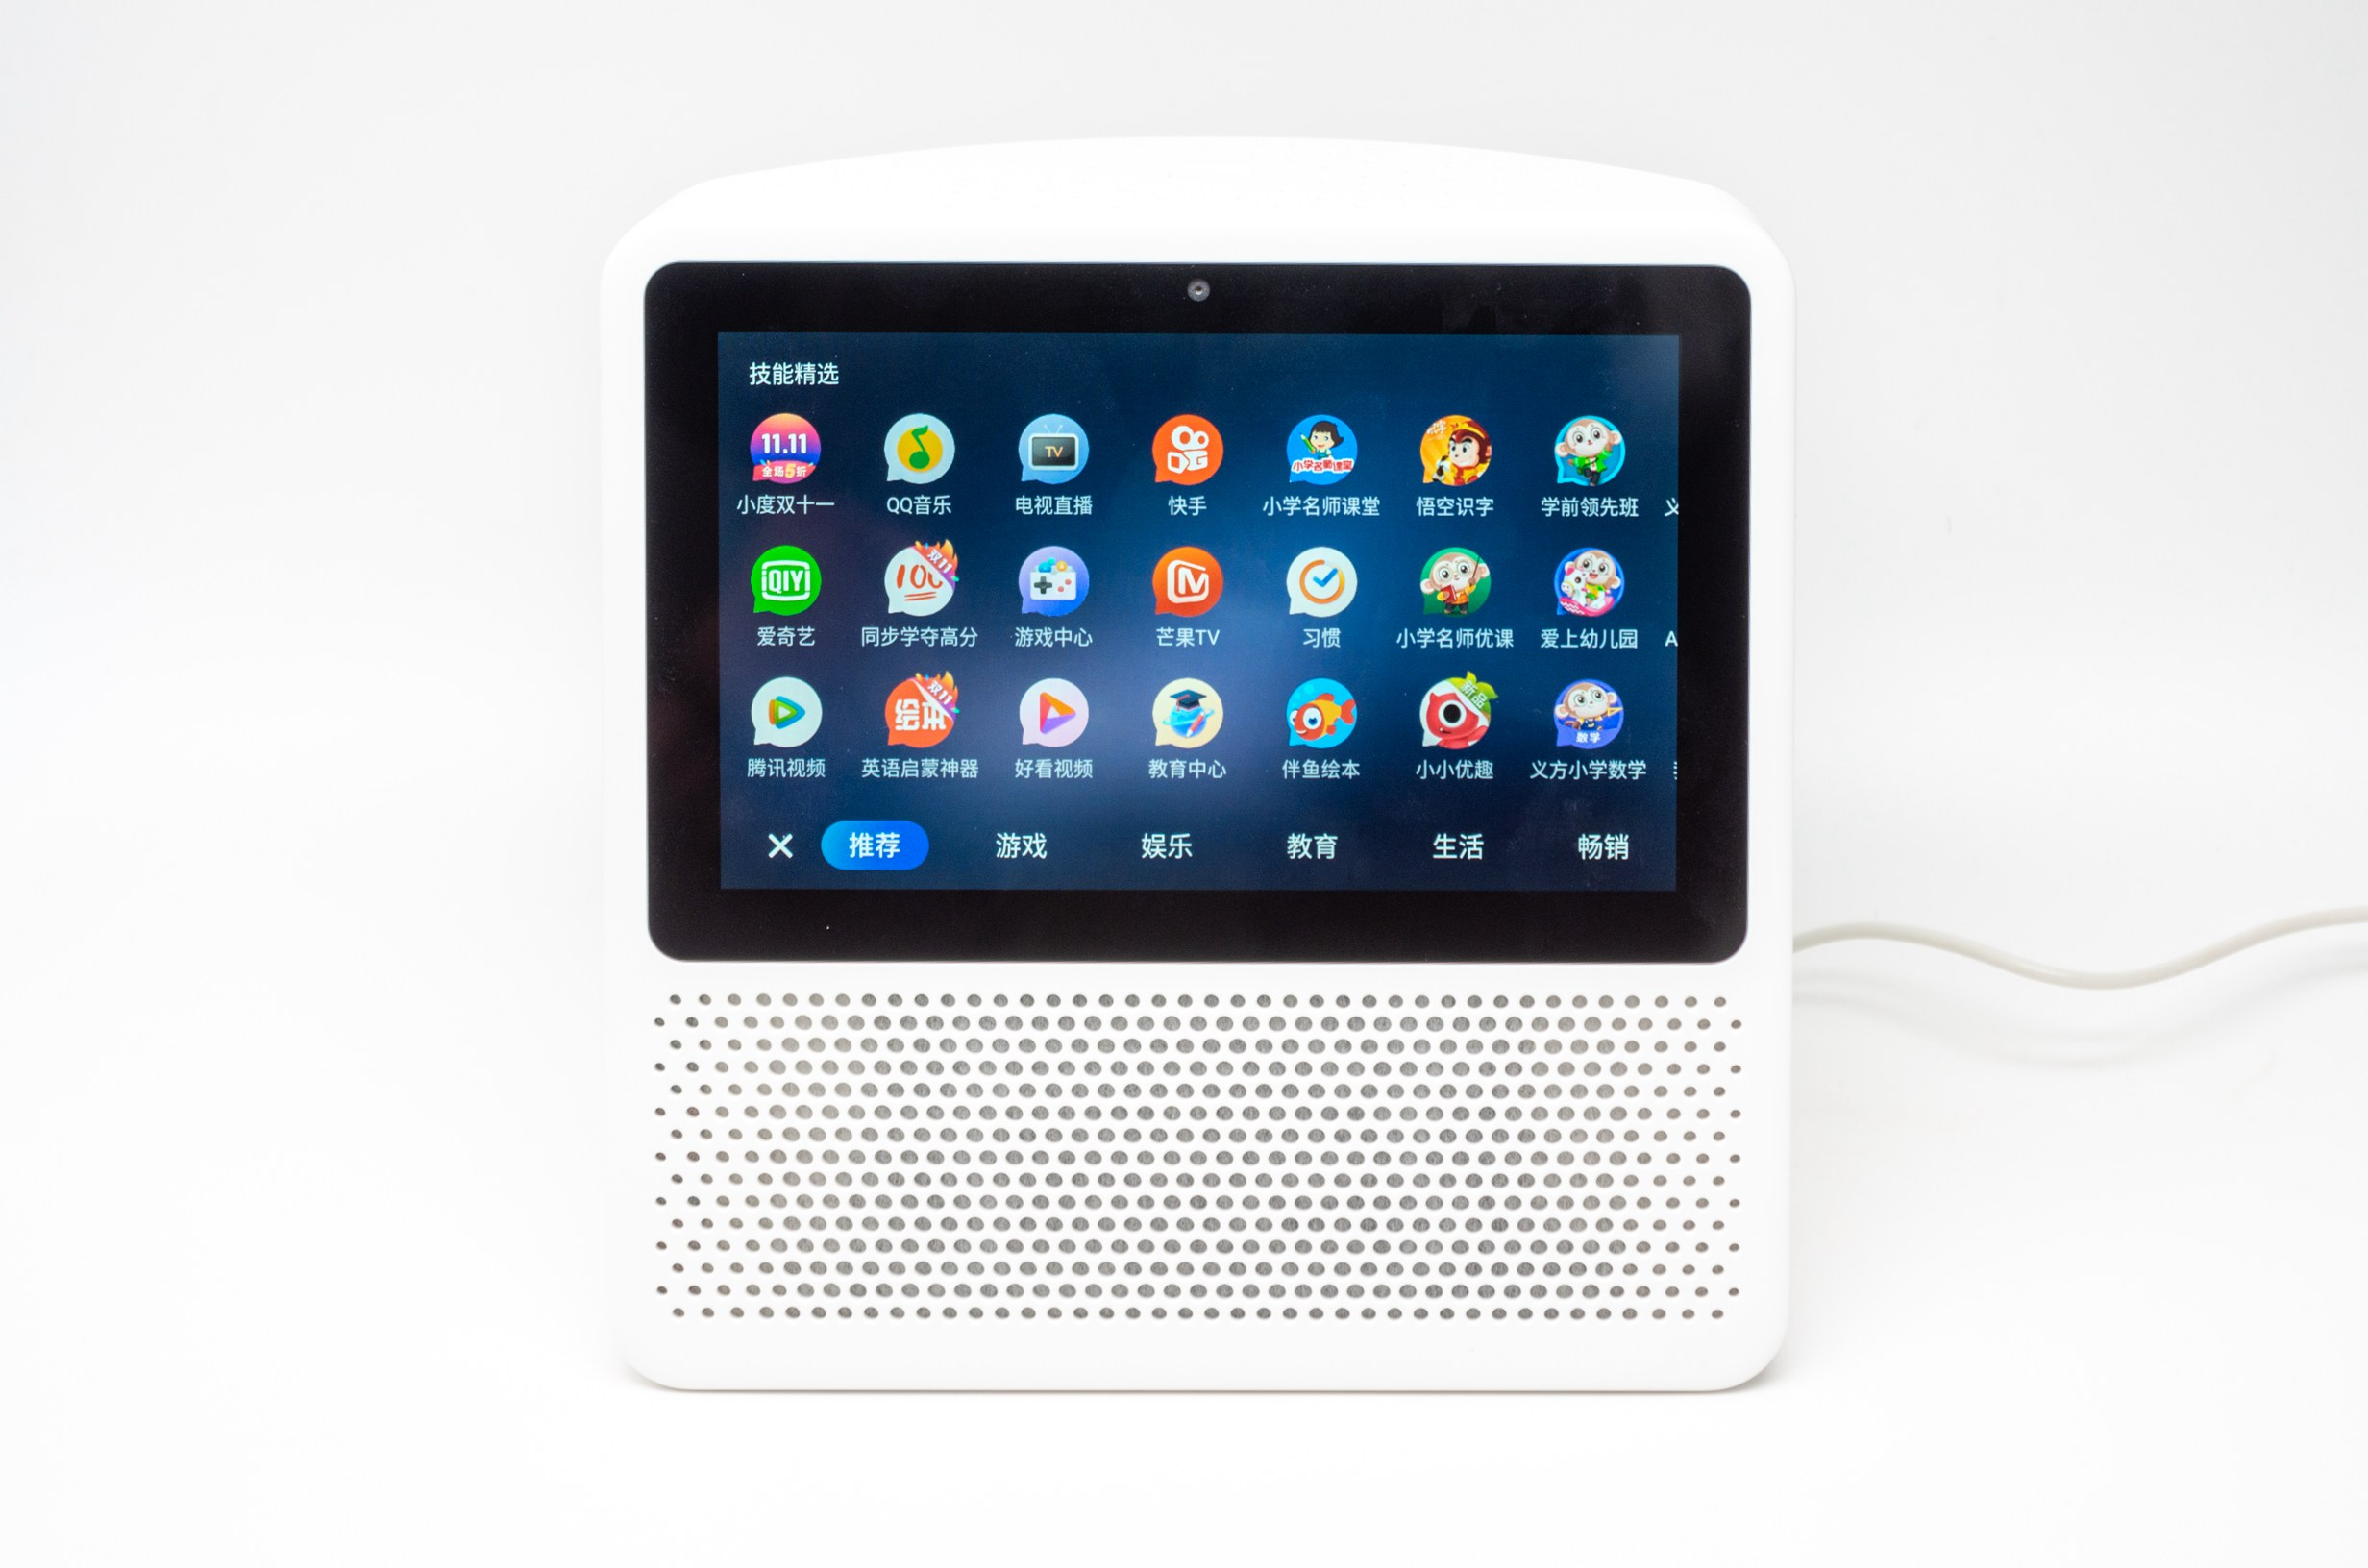 用语音叫醒下一个时代:7款智能音箱横评